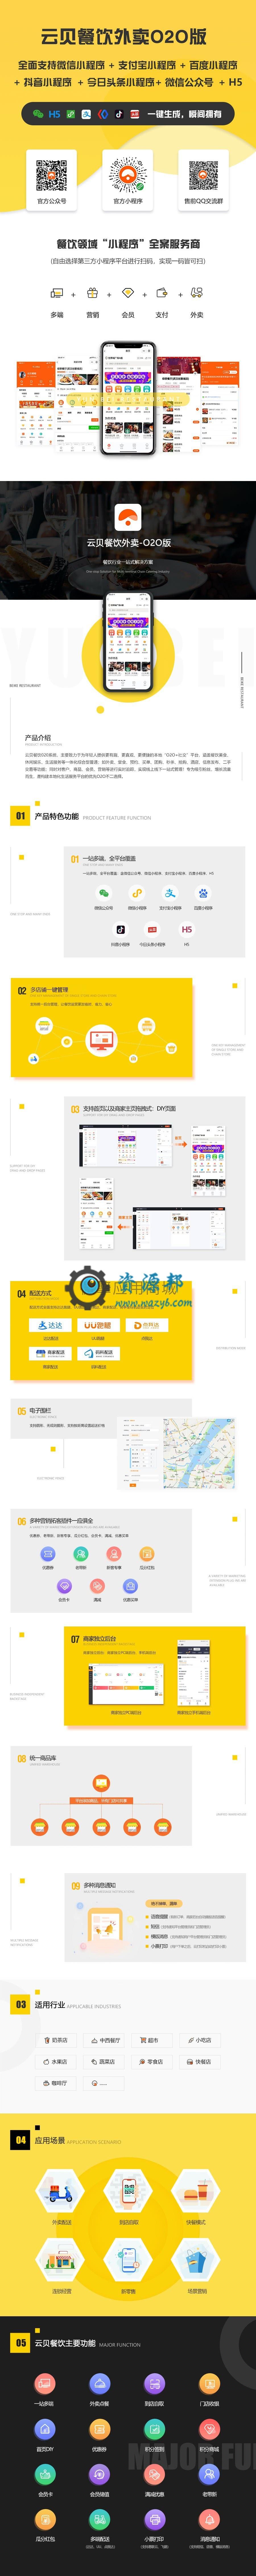 【微信小程序】云贝餐饮外卖O2O小程序V1.2.6完整安装包+云贝手机商家端小程序V1.0.5,新增商家推广码显示商家的logo 公众号应用 第14张